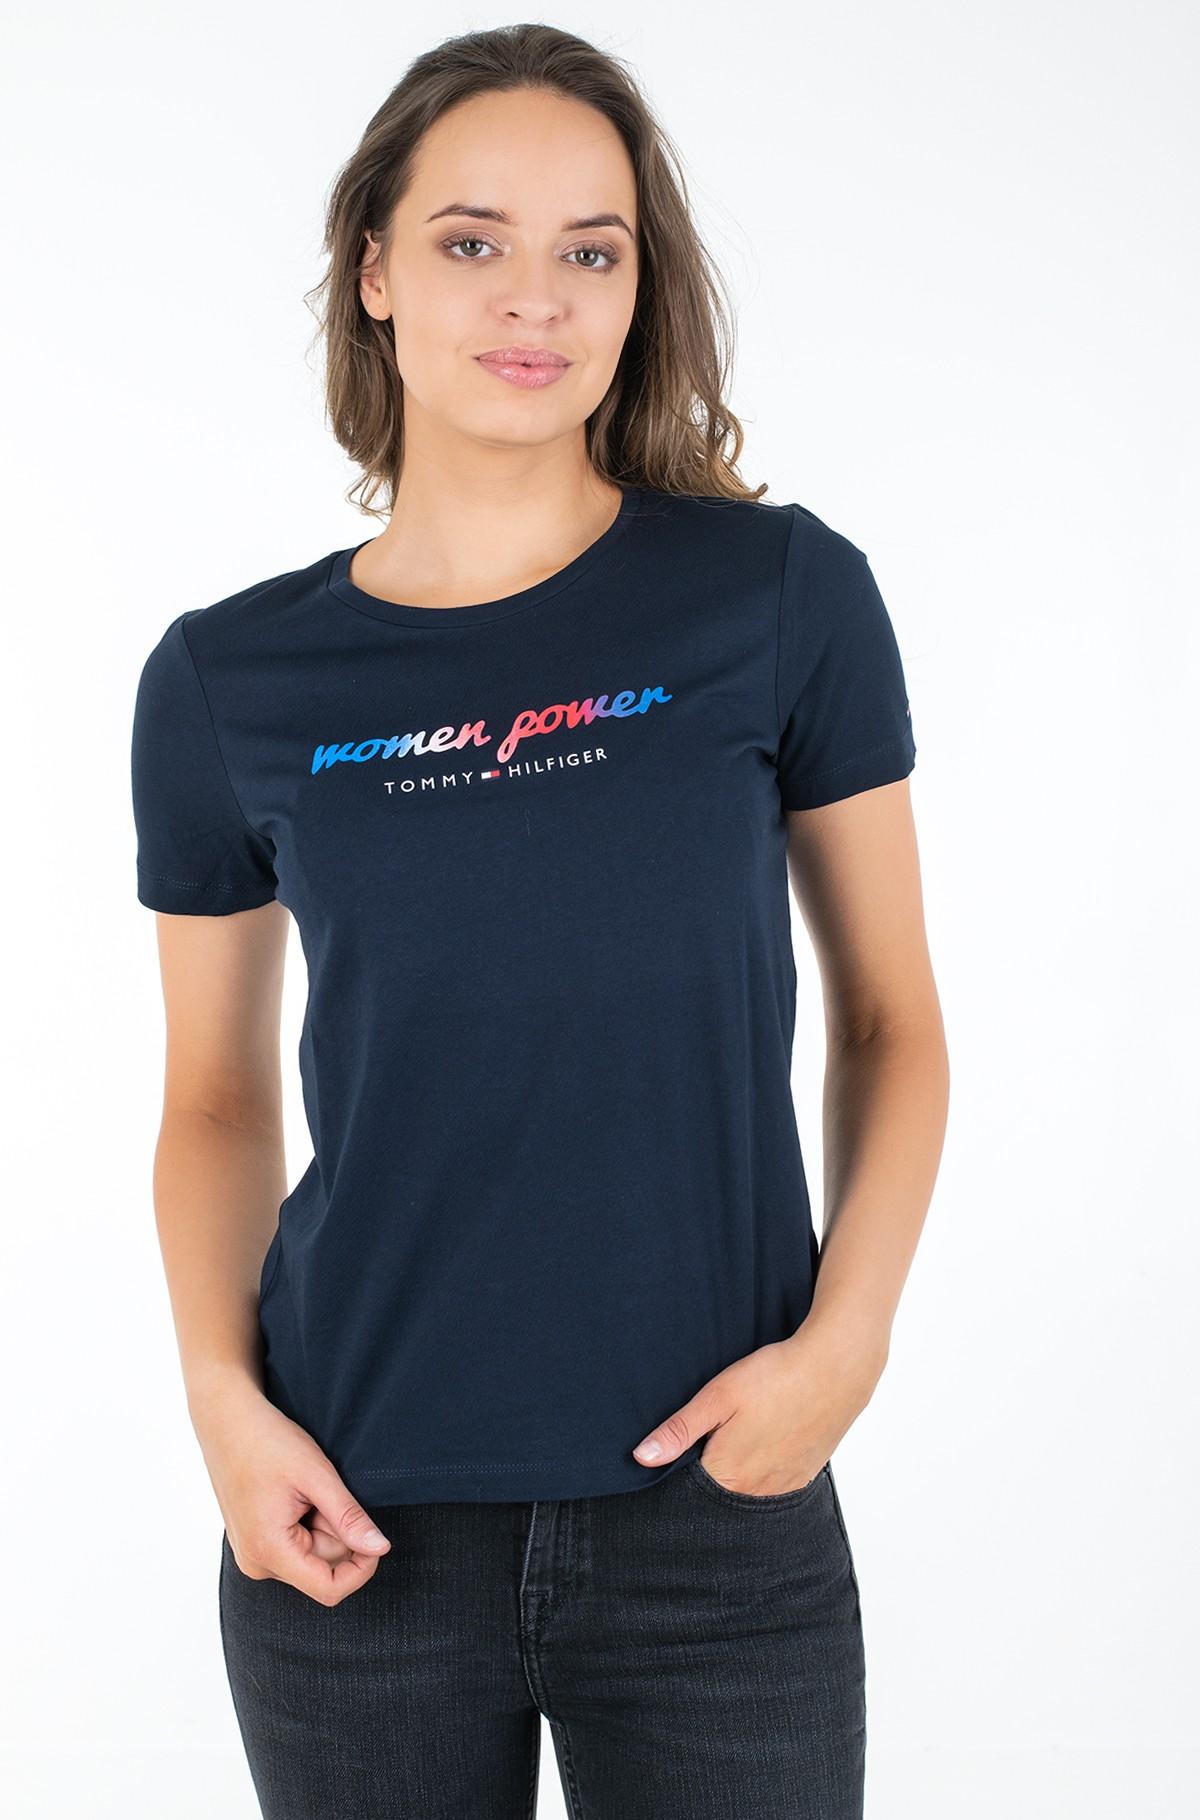 T-shirt ABO TEE REGULAR WOMEN UNITE 2-full-1